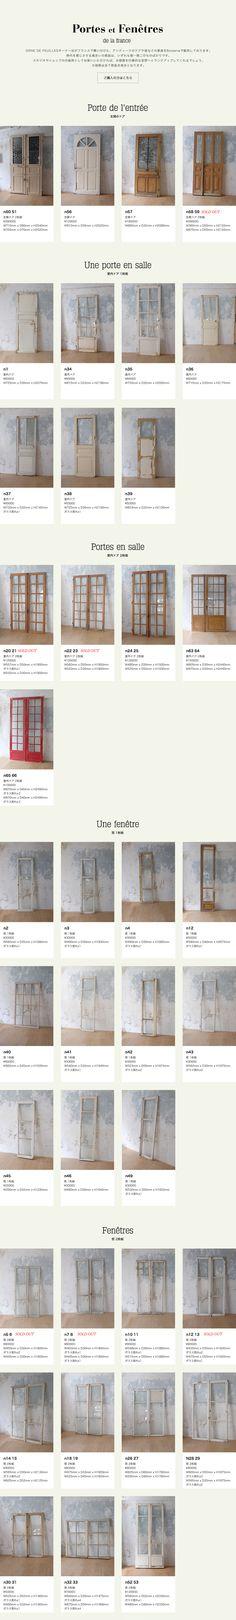 オルネ ド フォイユ Orne de Feuilles:フランス、ヨーロッパのインテリア雑貨やアンティーク家具